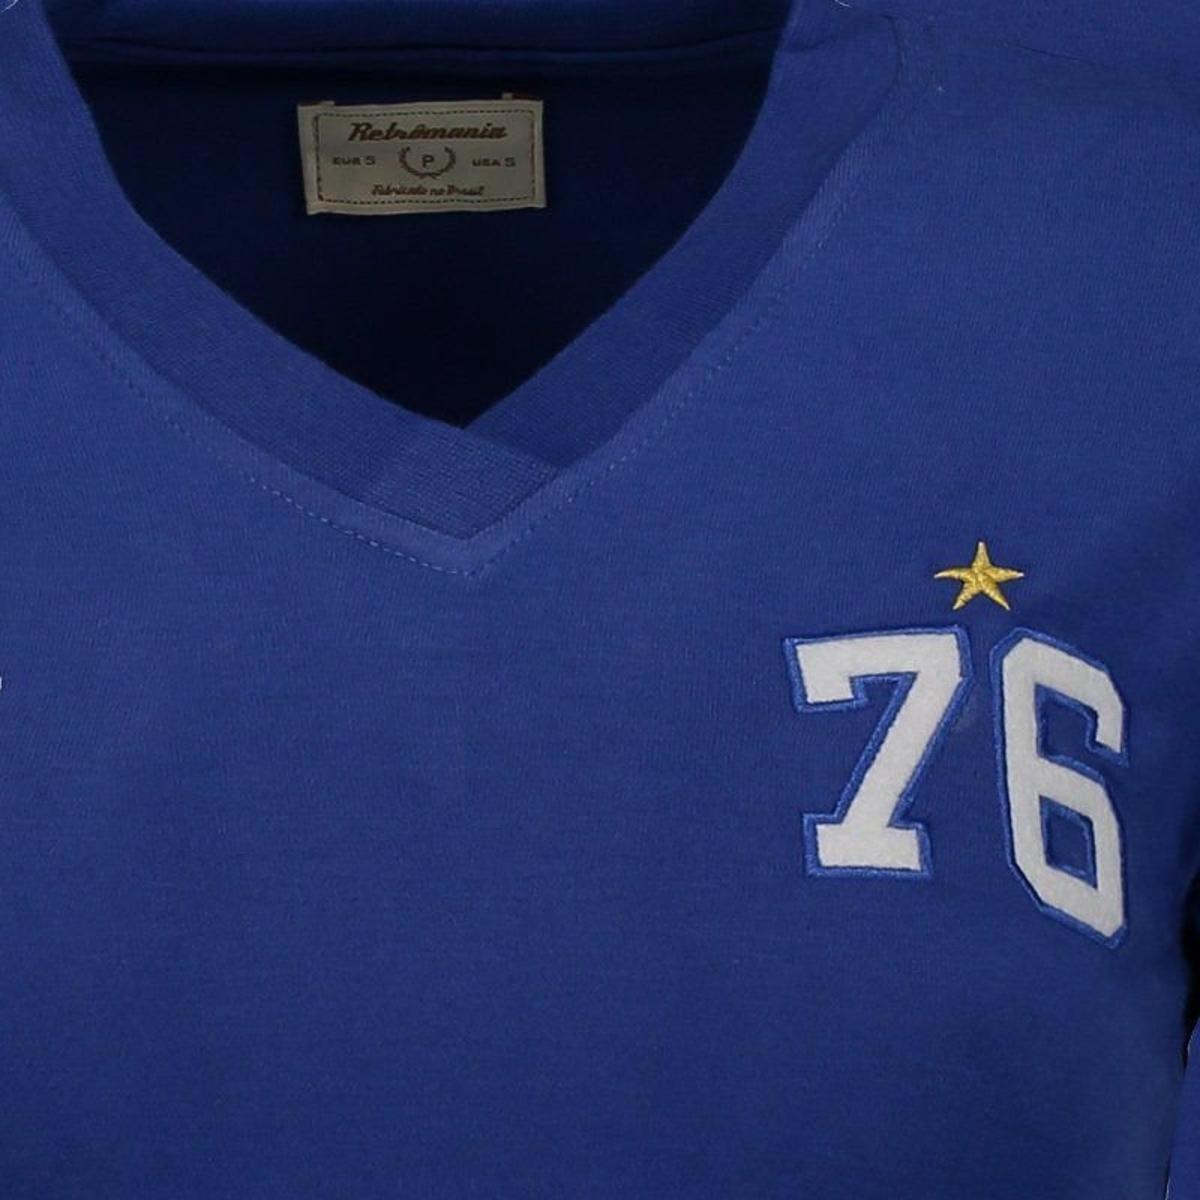 Camisa Cruzeiro Alviceleste 1976 Retrô Feminina - Azul - Compre ... 84fcc050c208d